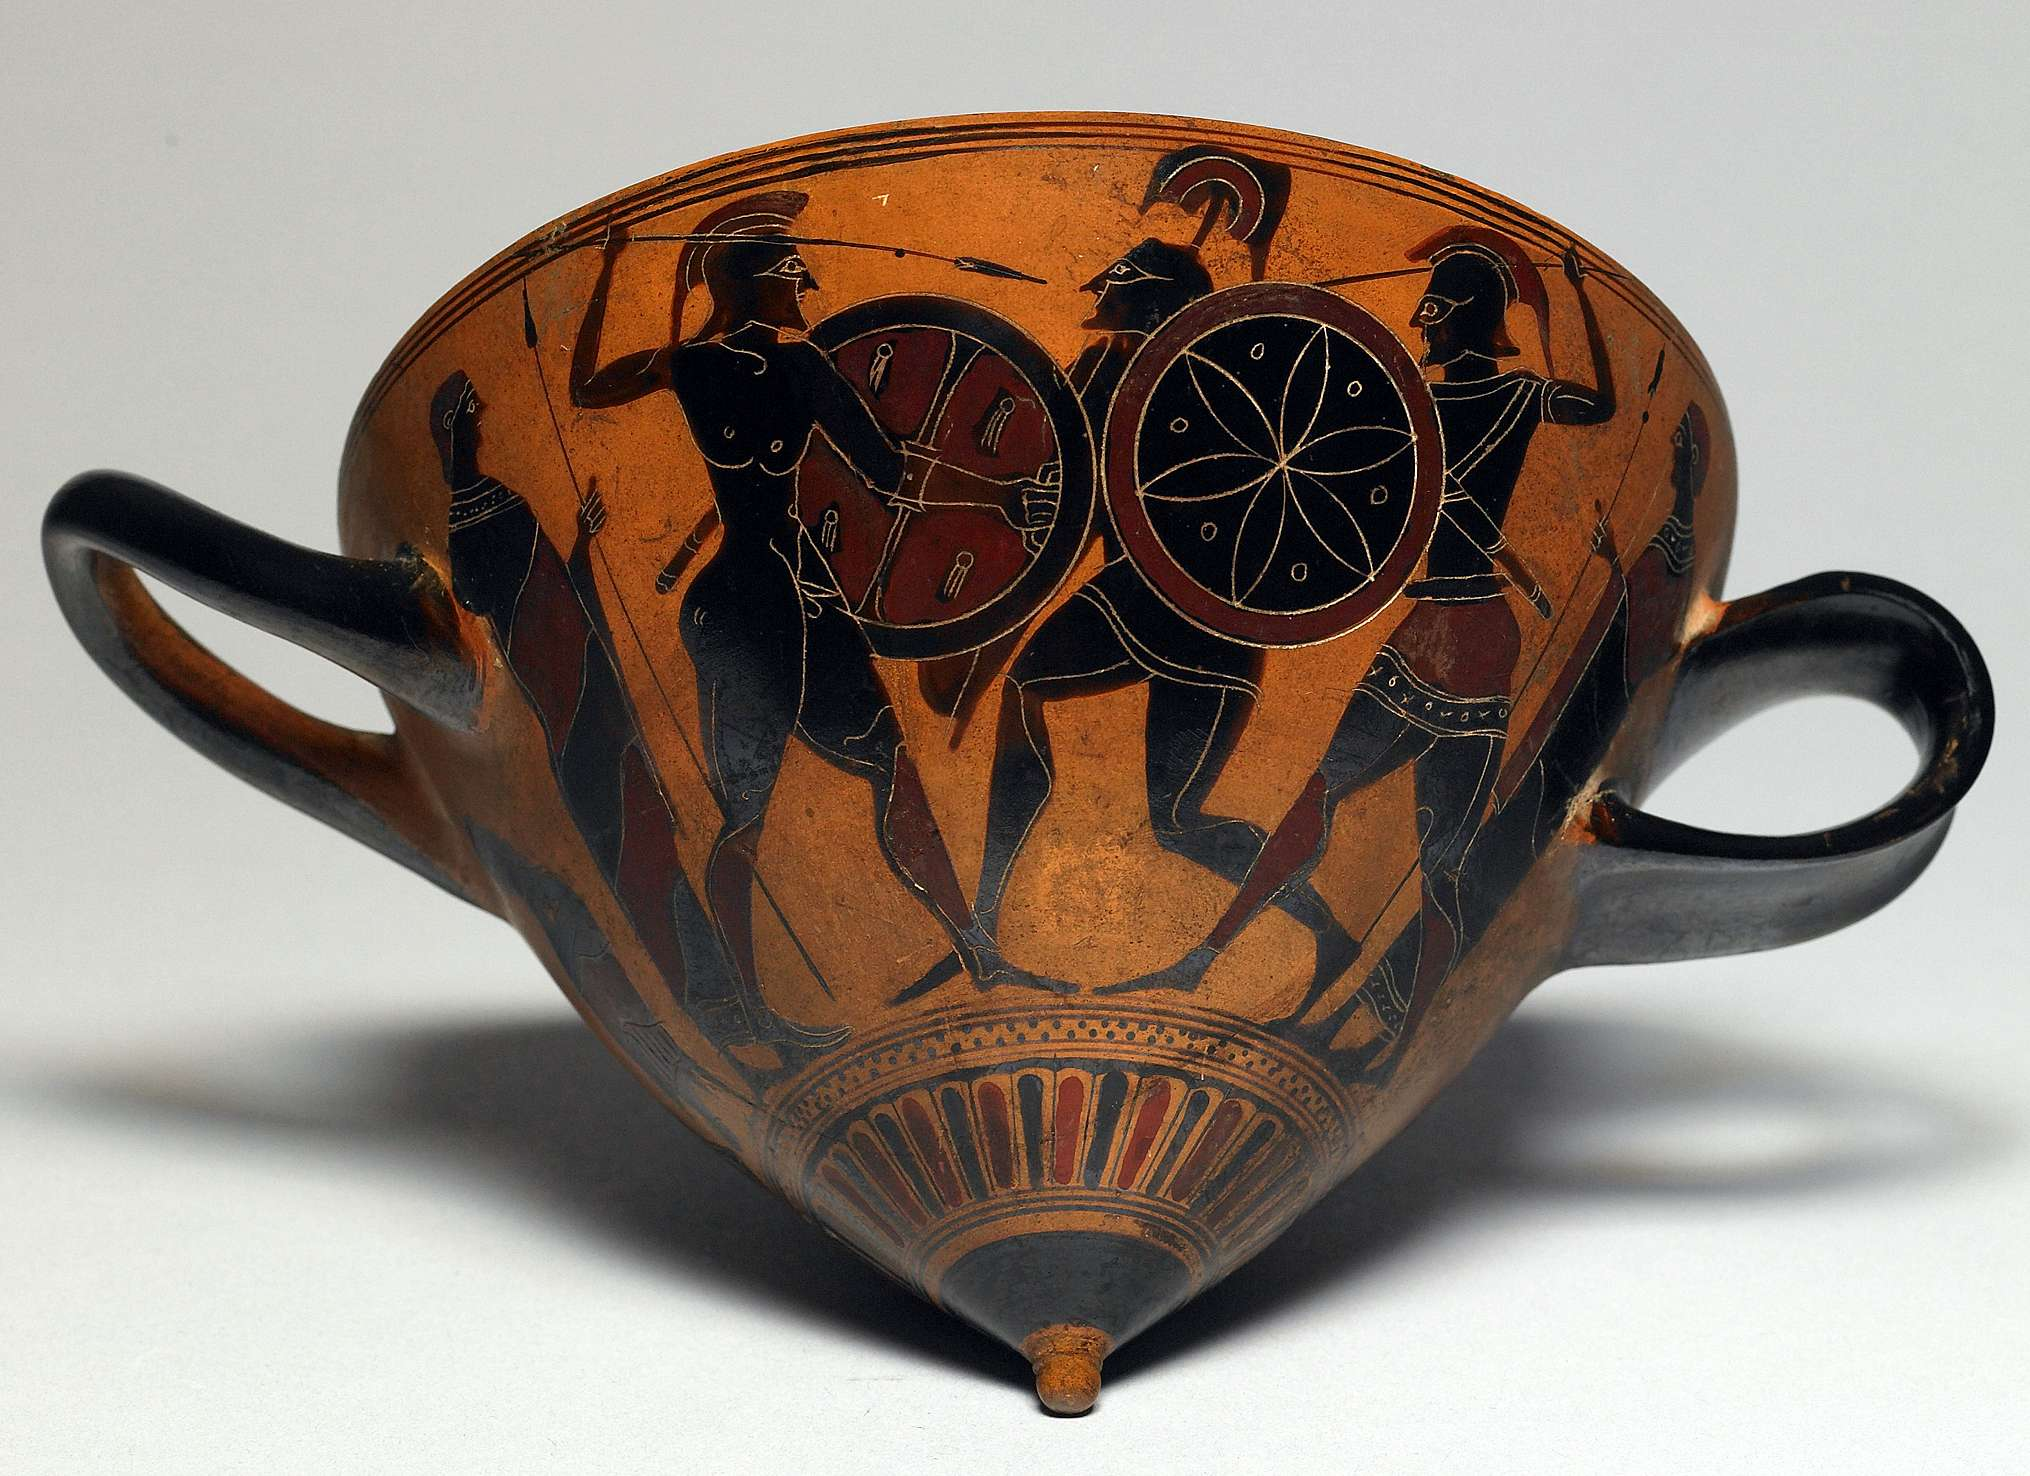 Εφυαλωμένο κεραμικό με παράσταση αρχαίων πολεμιστών. Dueling Warriors, ca. 530 BCE. Glazed ceramic, 3 3/4 x 7 3/8 in. The Walters Art Museum, Baltimore 48.223